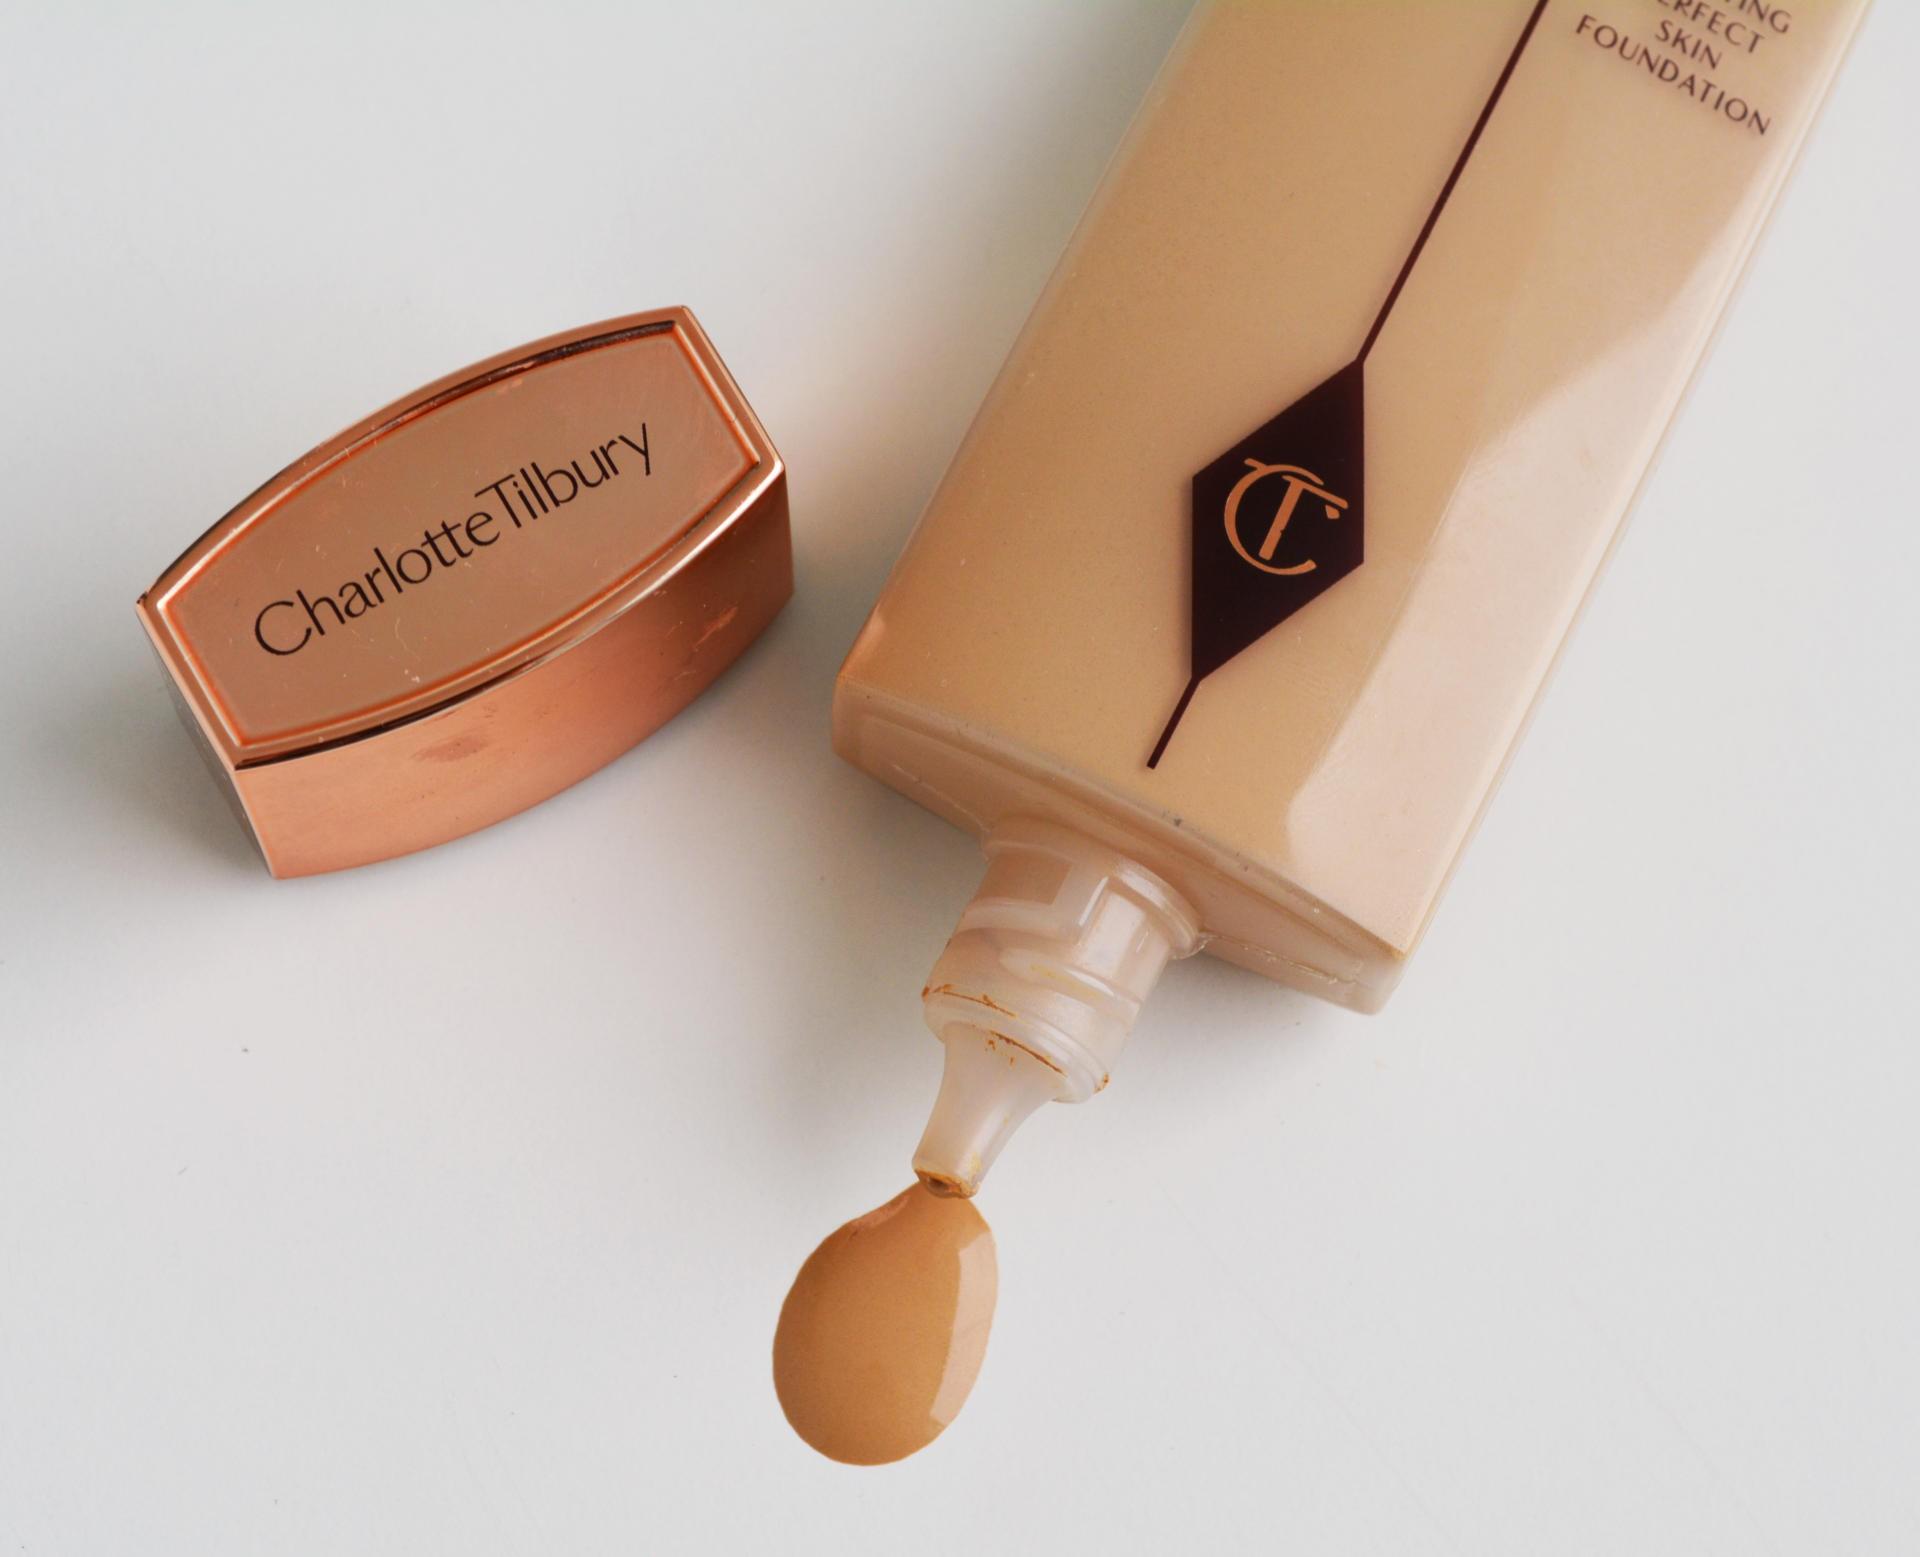 11 lọ kem nền này không chỉ mang đến làn da hoàn hảo mà còn tự nhiên như da đẹp sẵn, được các beauty editor coi như bảo bối - Ảnh 1.